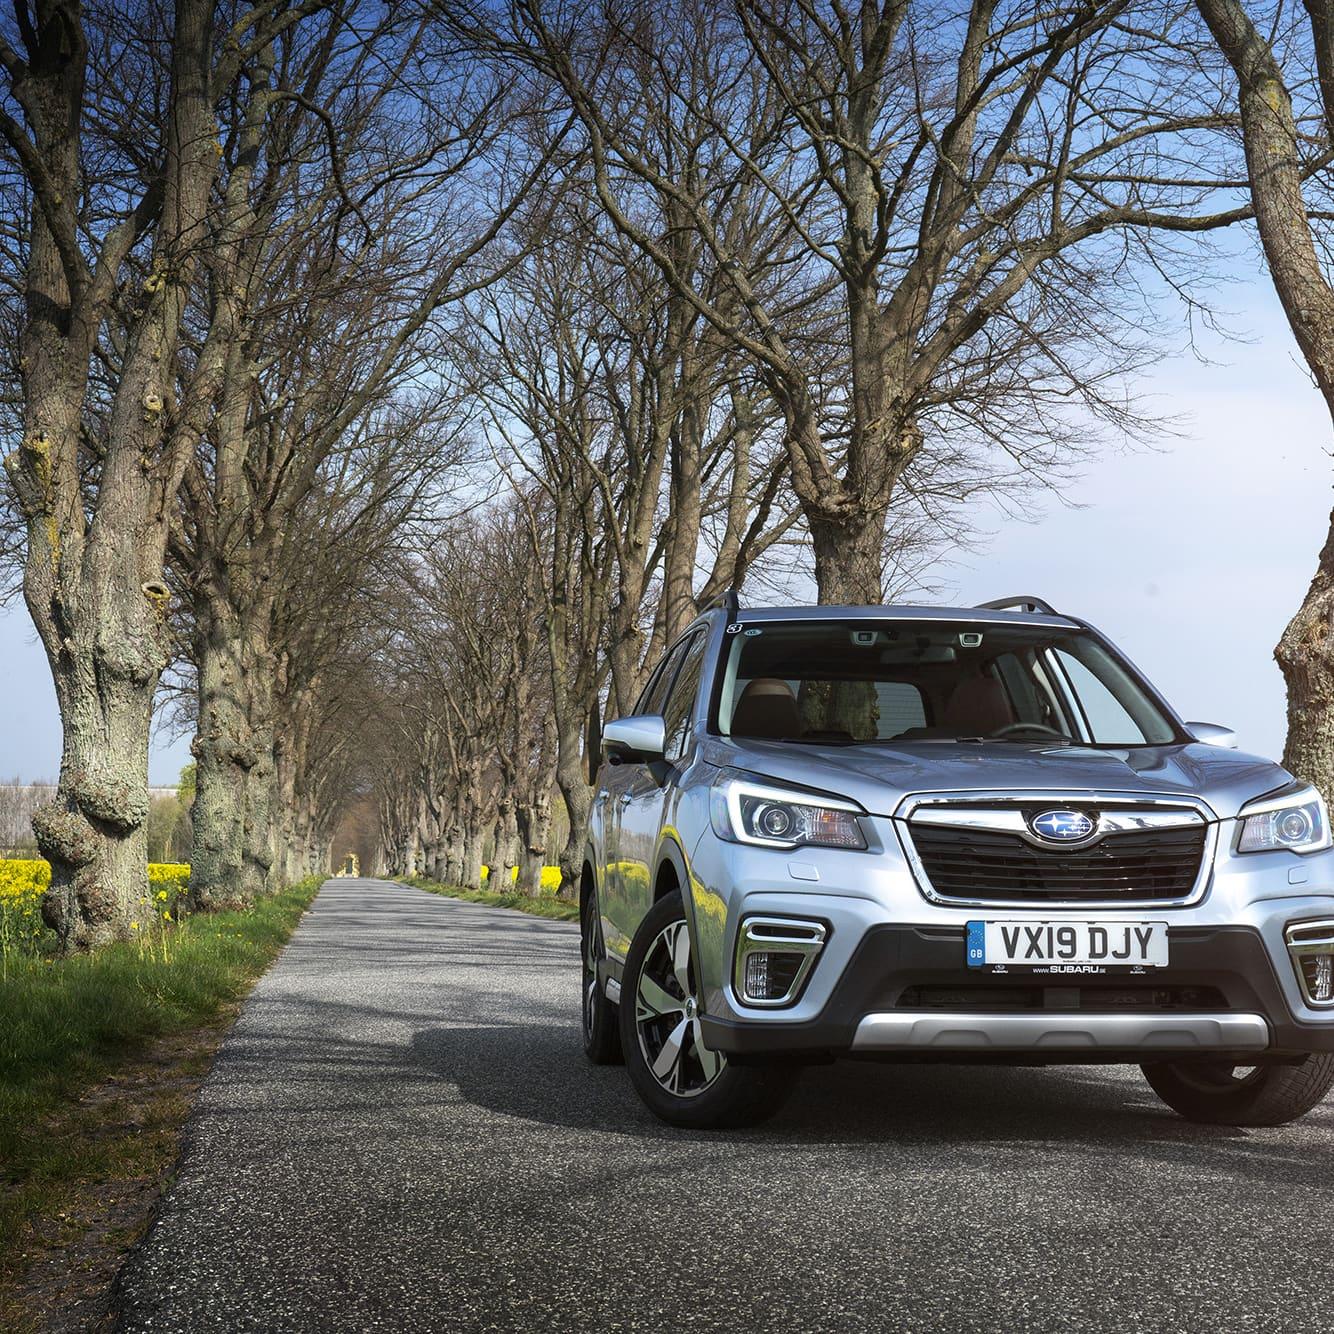 Nya Subaru Forester e-Boxer är relativt lik sin föregångare. På gott och ont kan man säga men det positiva är att Subaru hittat ett formspråk som gör dem enkla att känna igen från andra bilmärken.